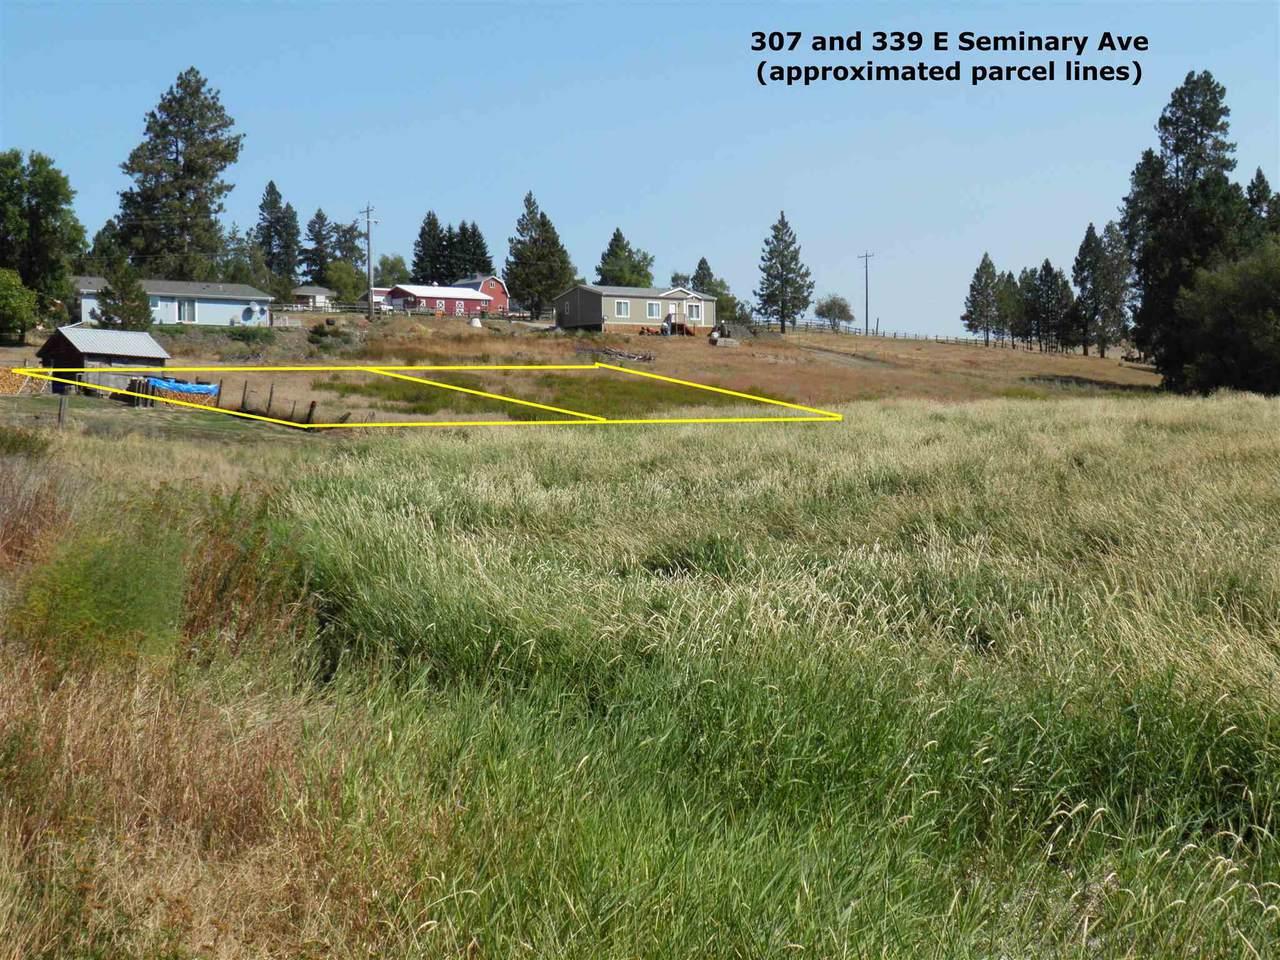 307 Seminary Ave - Photo 1